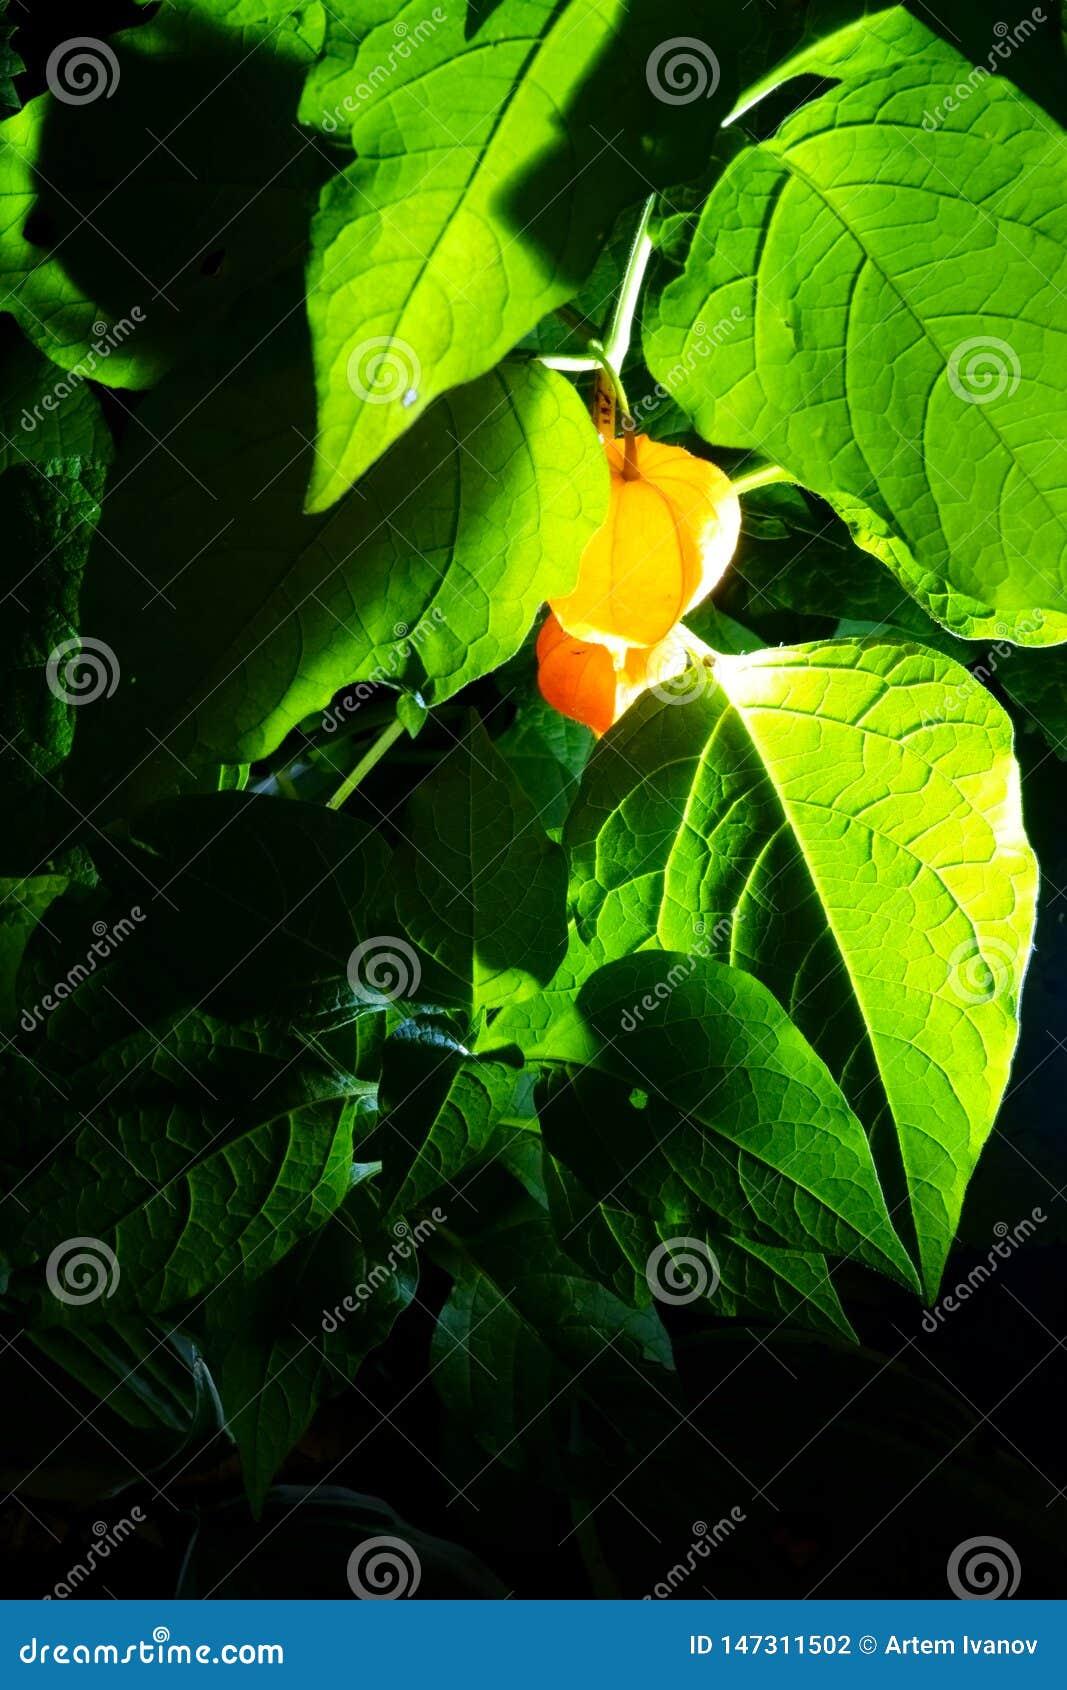 Foto di notte della frutta del Physalis, emettente luce come le lanterne fra le foglie verdi